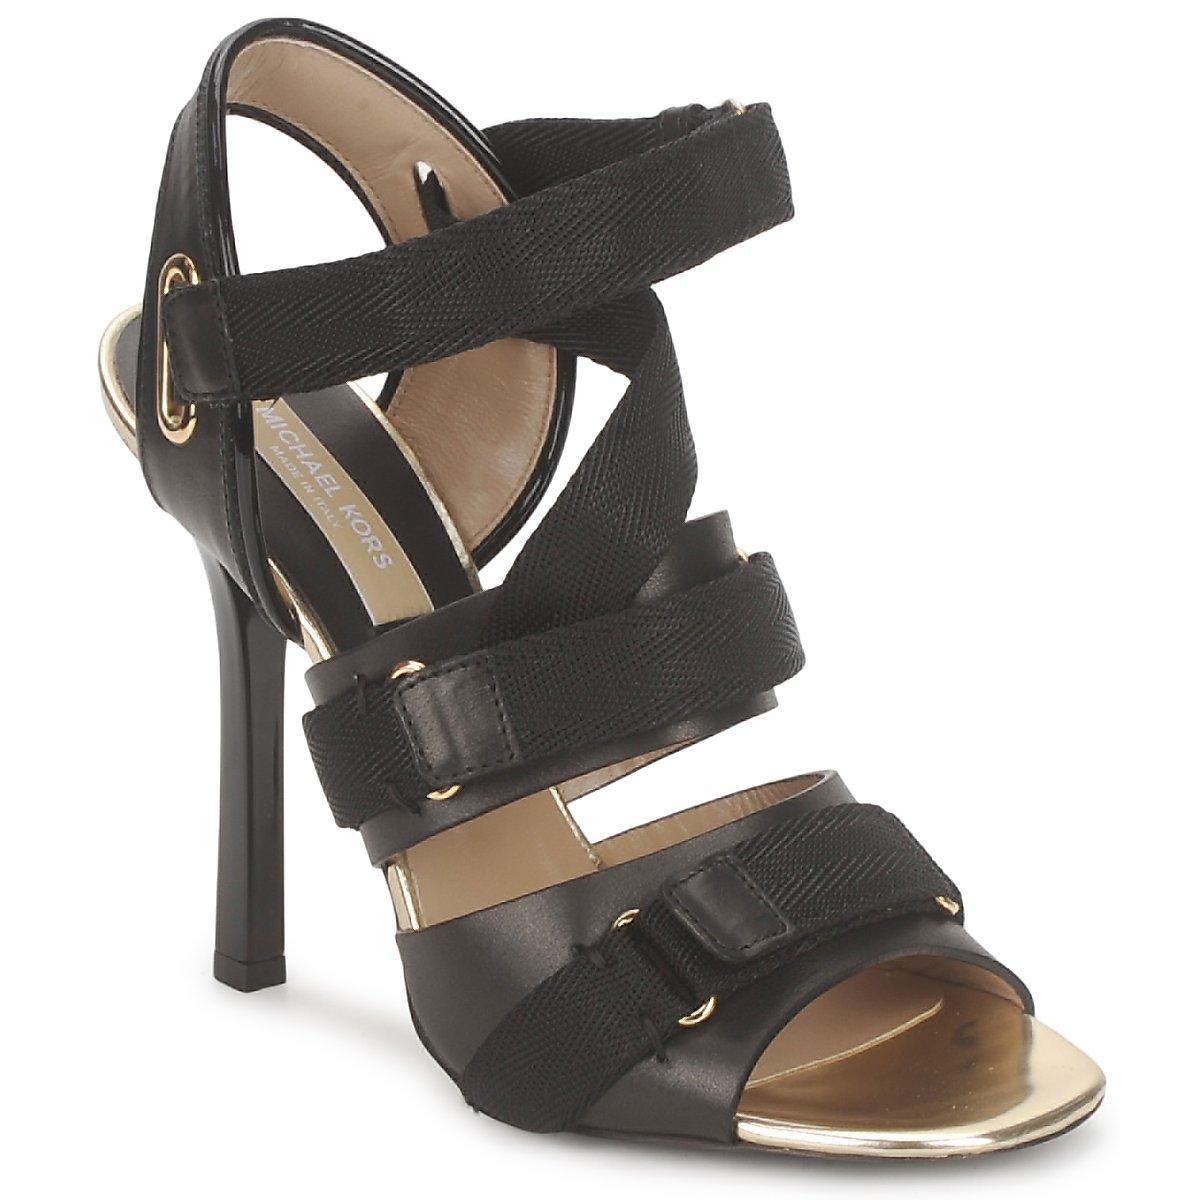 Sandale Michael Kors MK118113 Noir